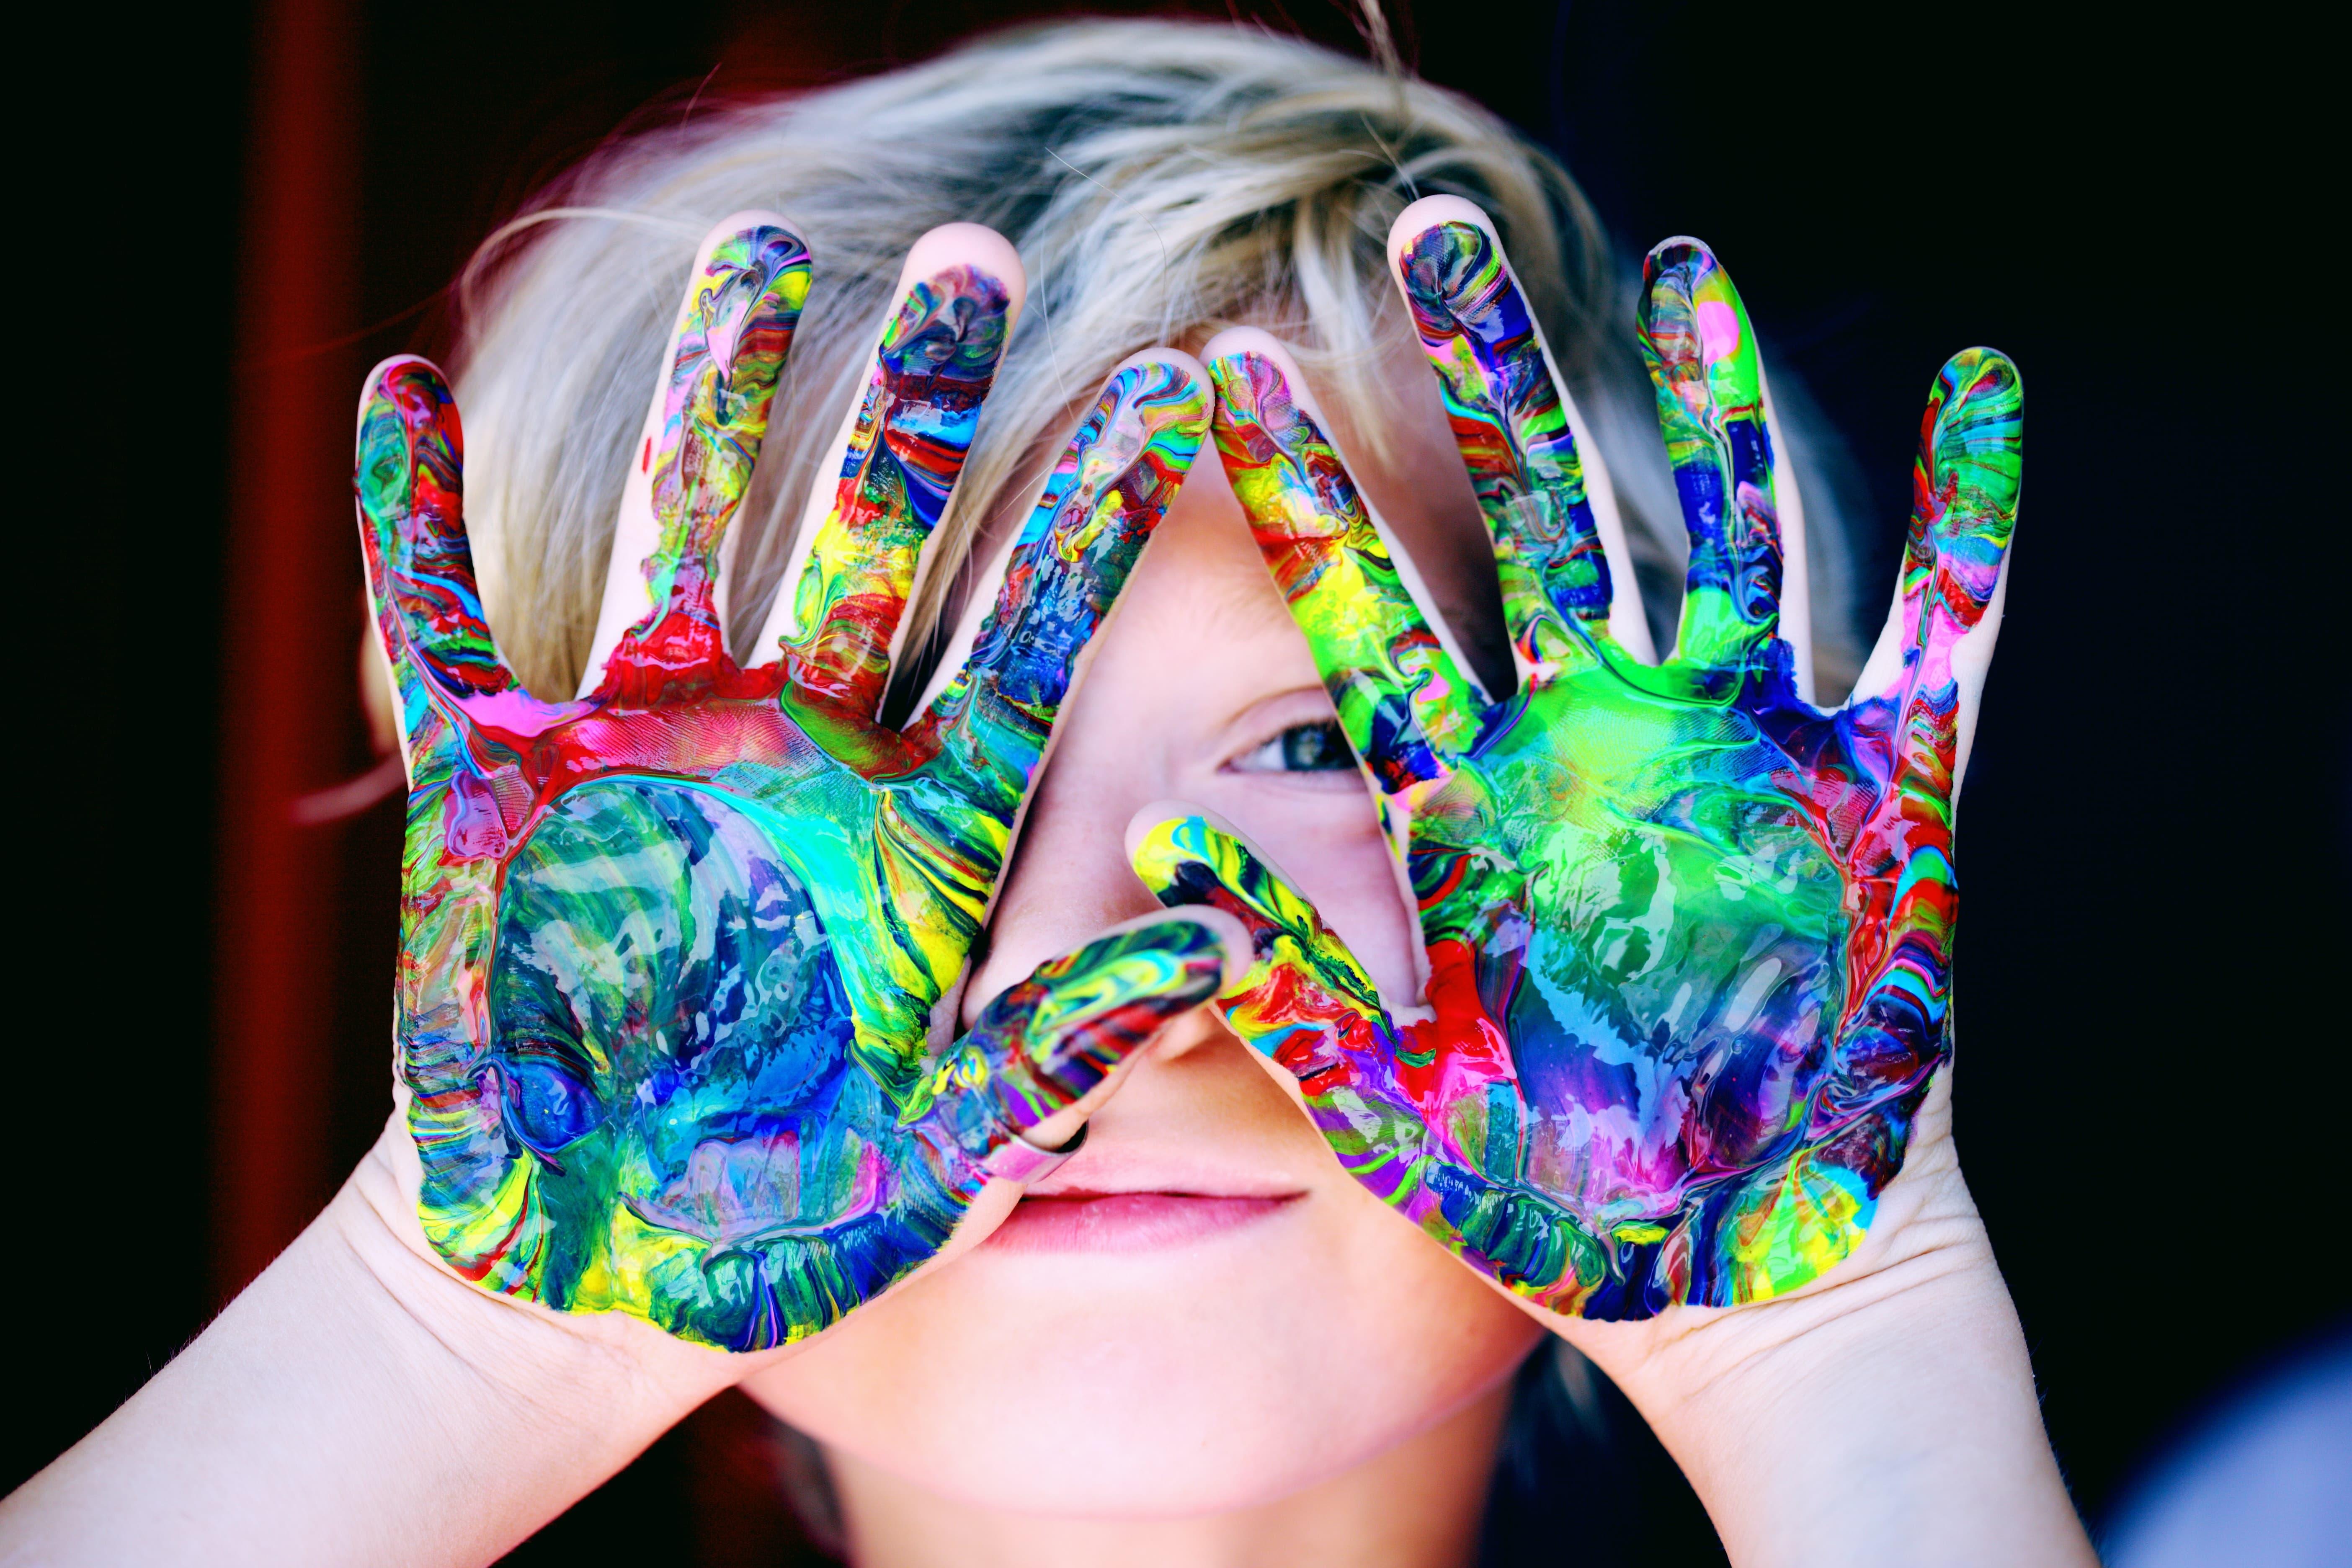 La Motricità Fine è il controllo motorio sui piccoli movimenti delle mani e delle dita, così come i piccoli muscoli della faccia, della bocca e dei piedi.